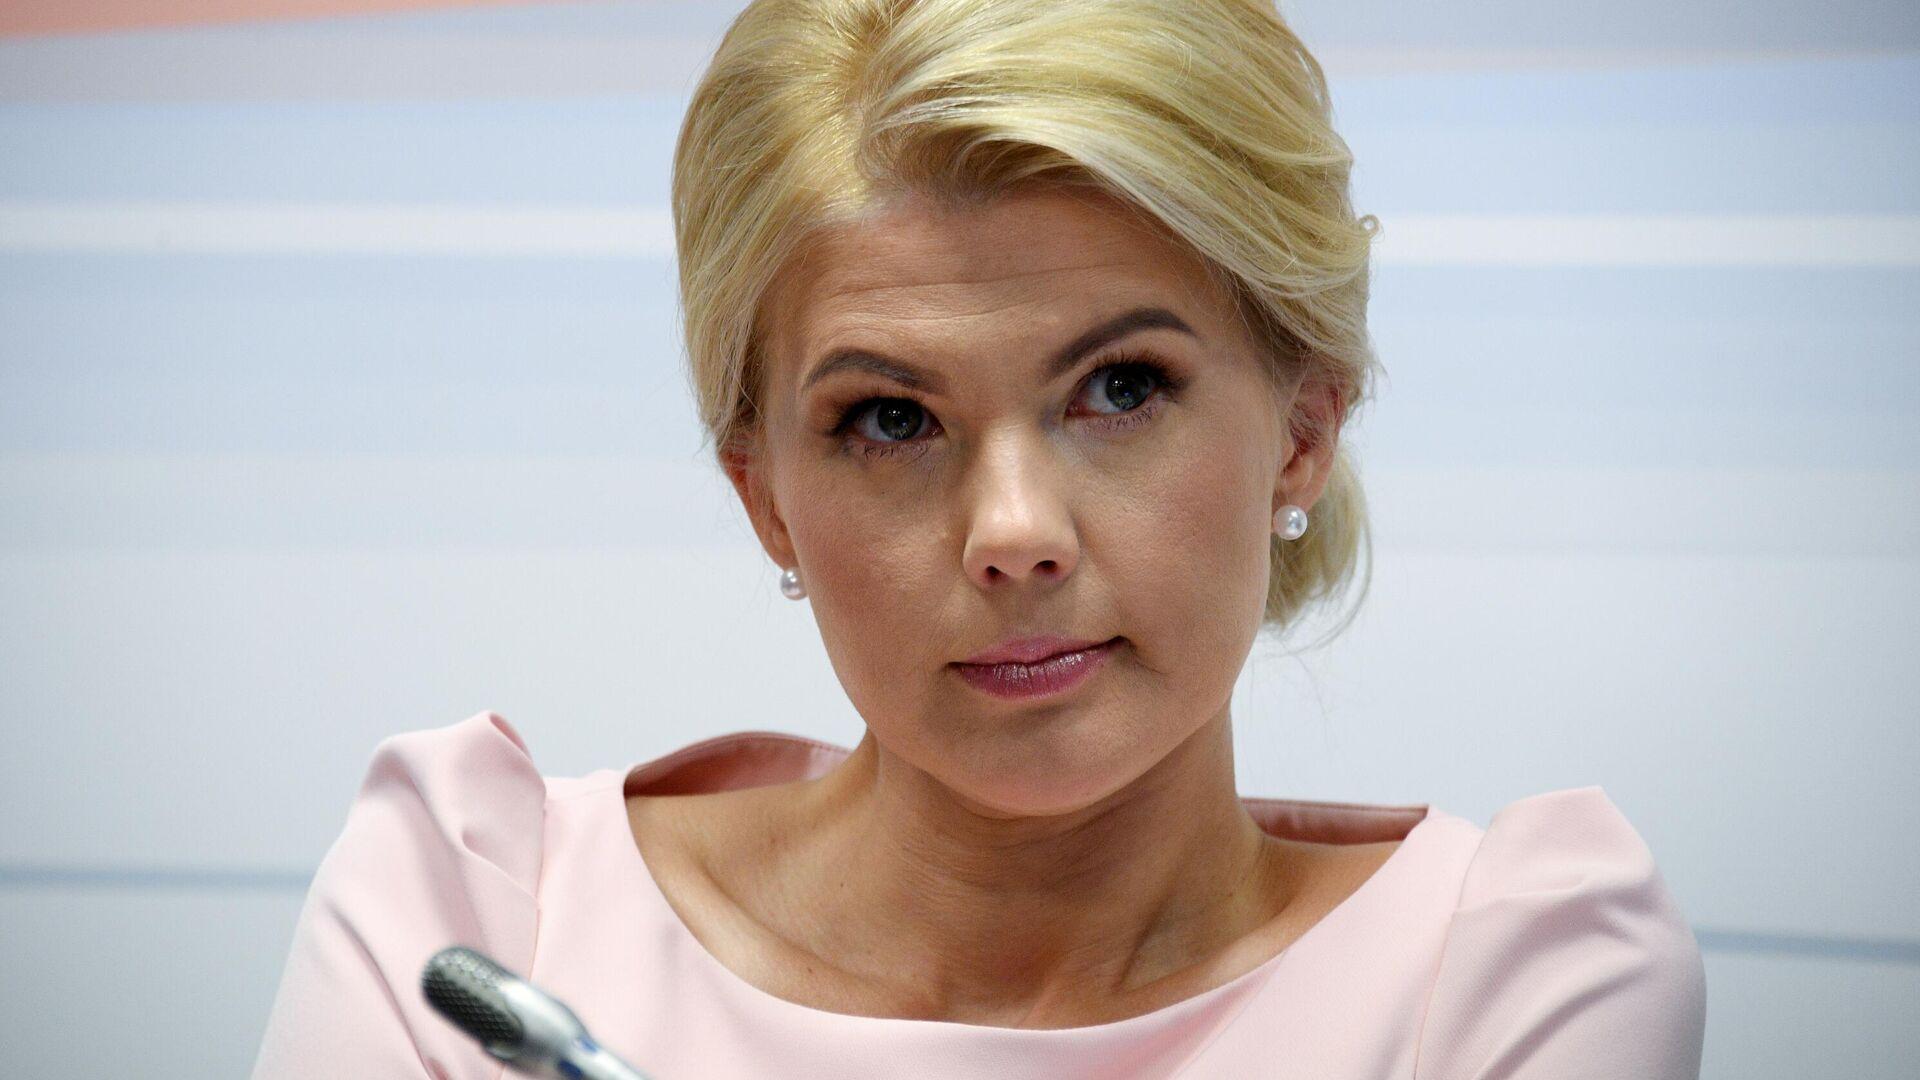 Адвокат Тер-Акопов описал действия полиции при поисках экс-замминистра Раковой